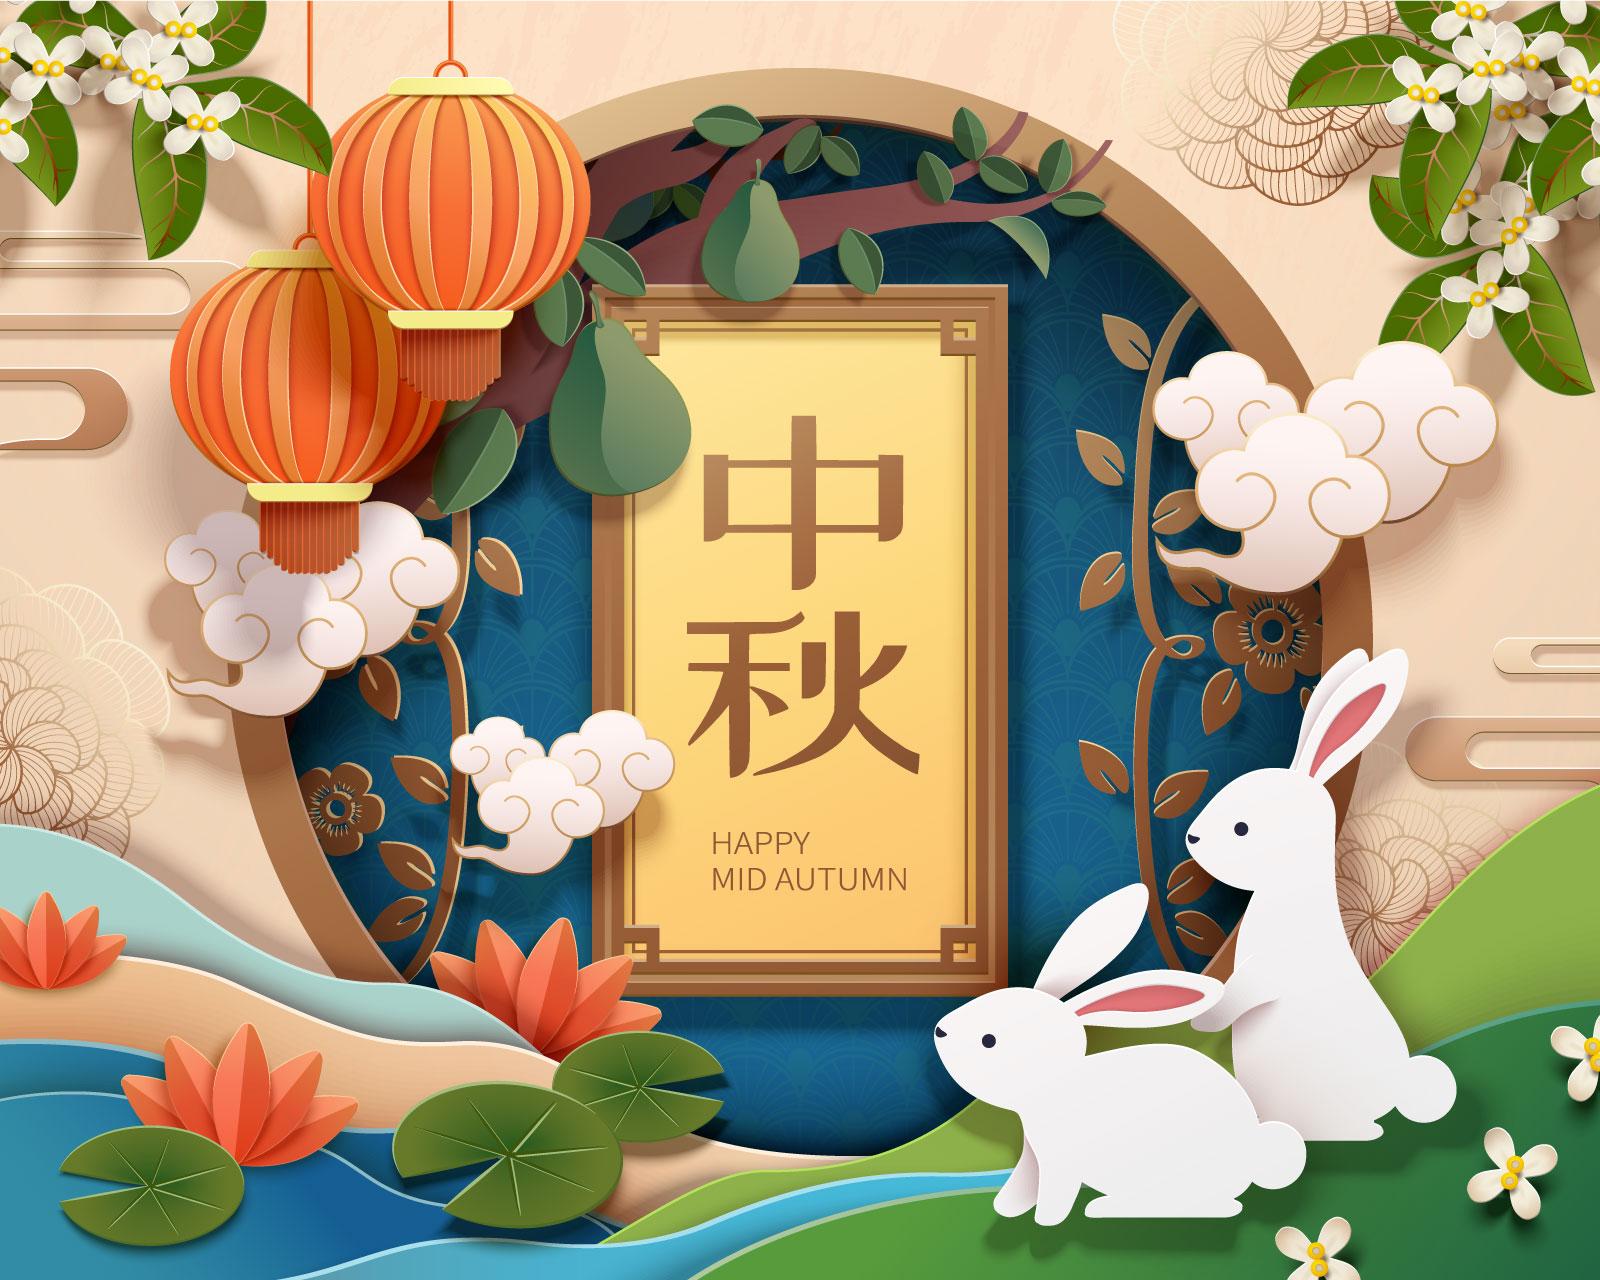 38款中国风中秋节主视觉海报插画AI广告设计素材源文件 Mid Autumn Festival Vector Pattern插图(8)